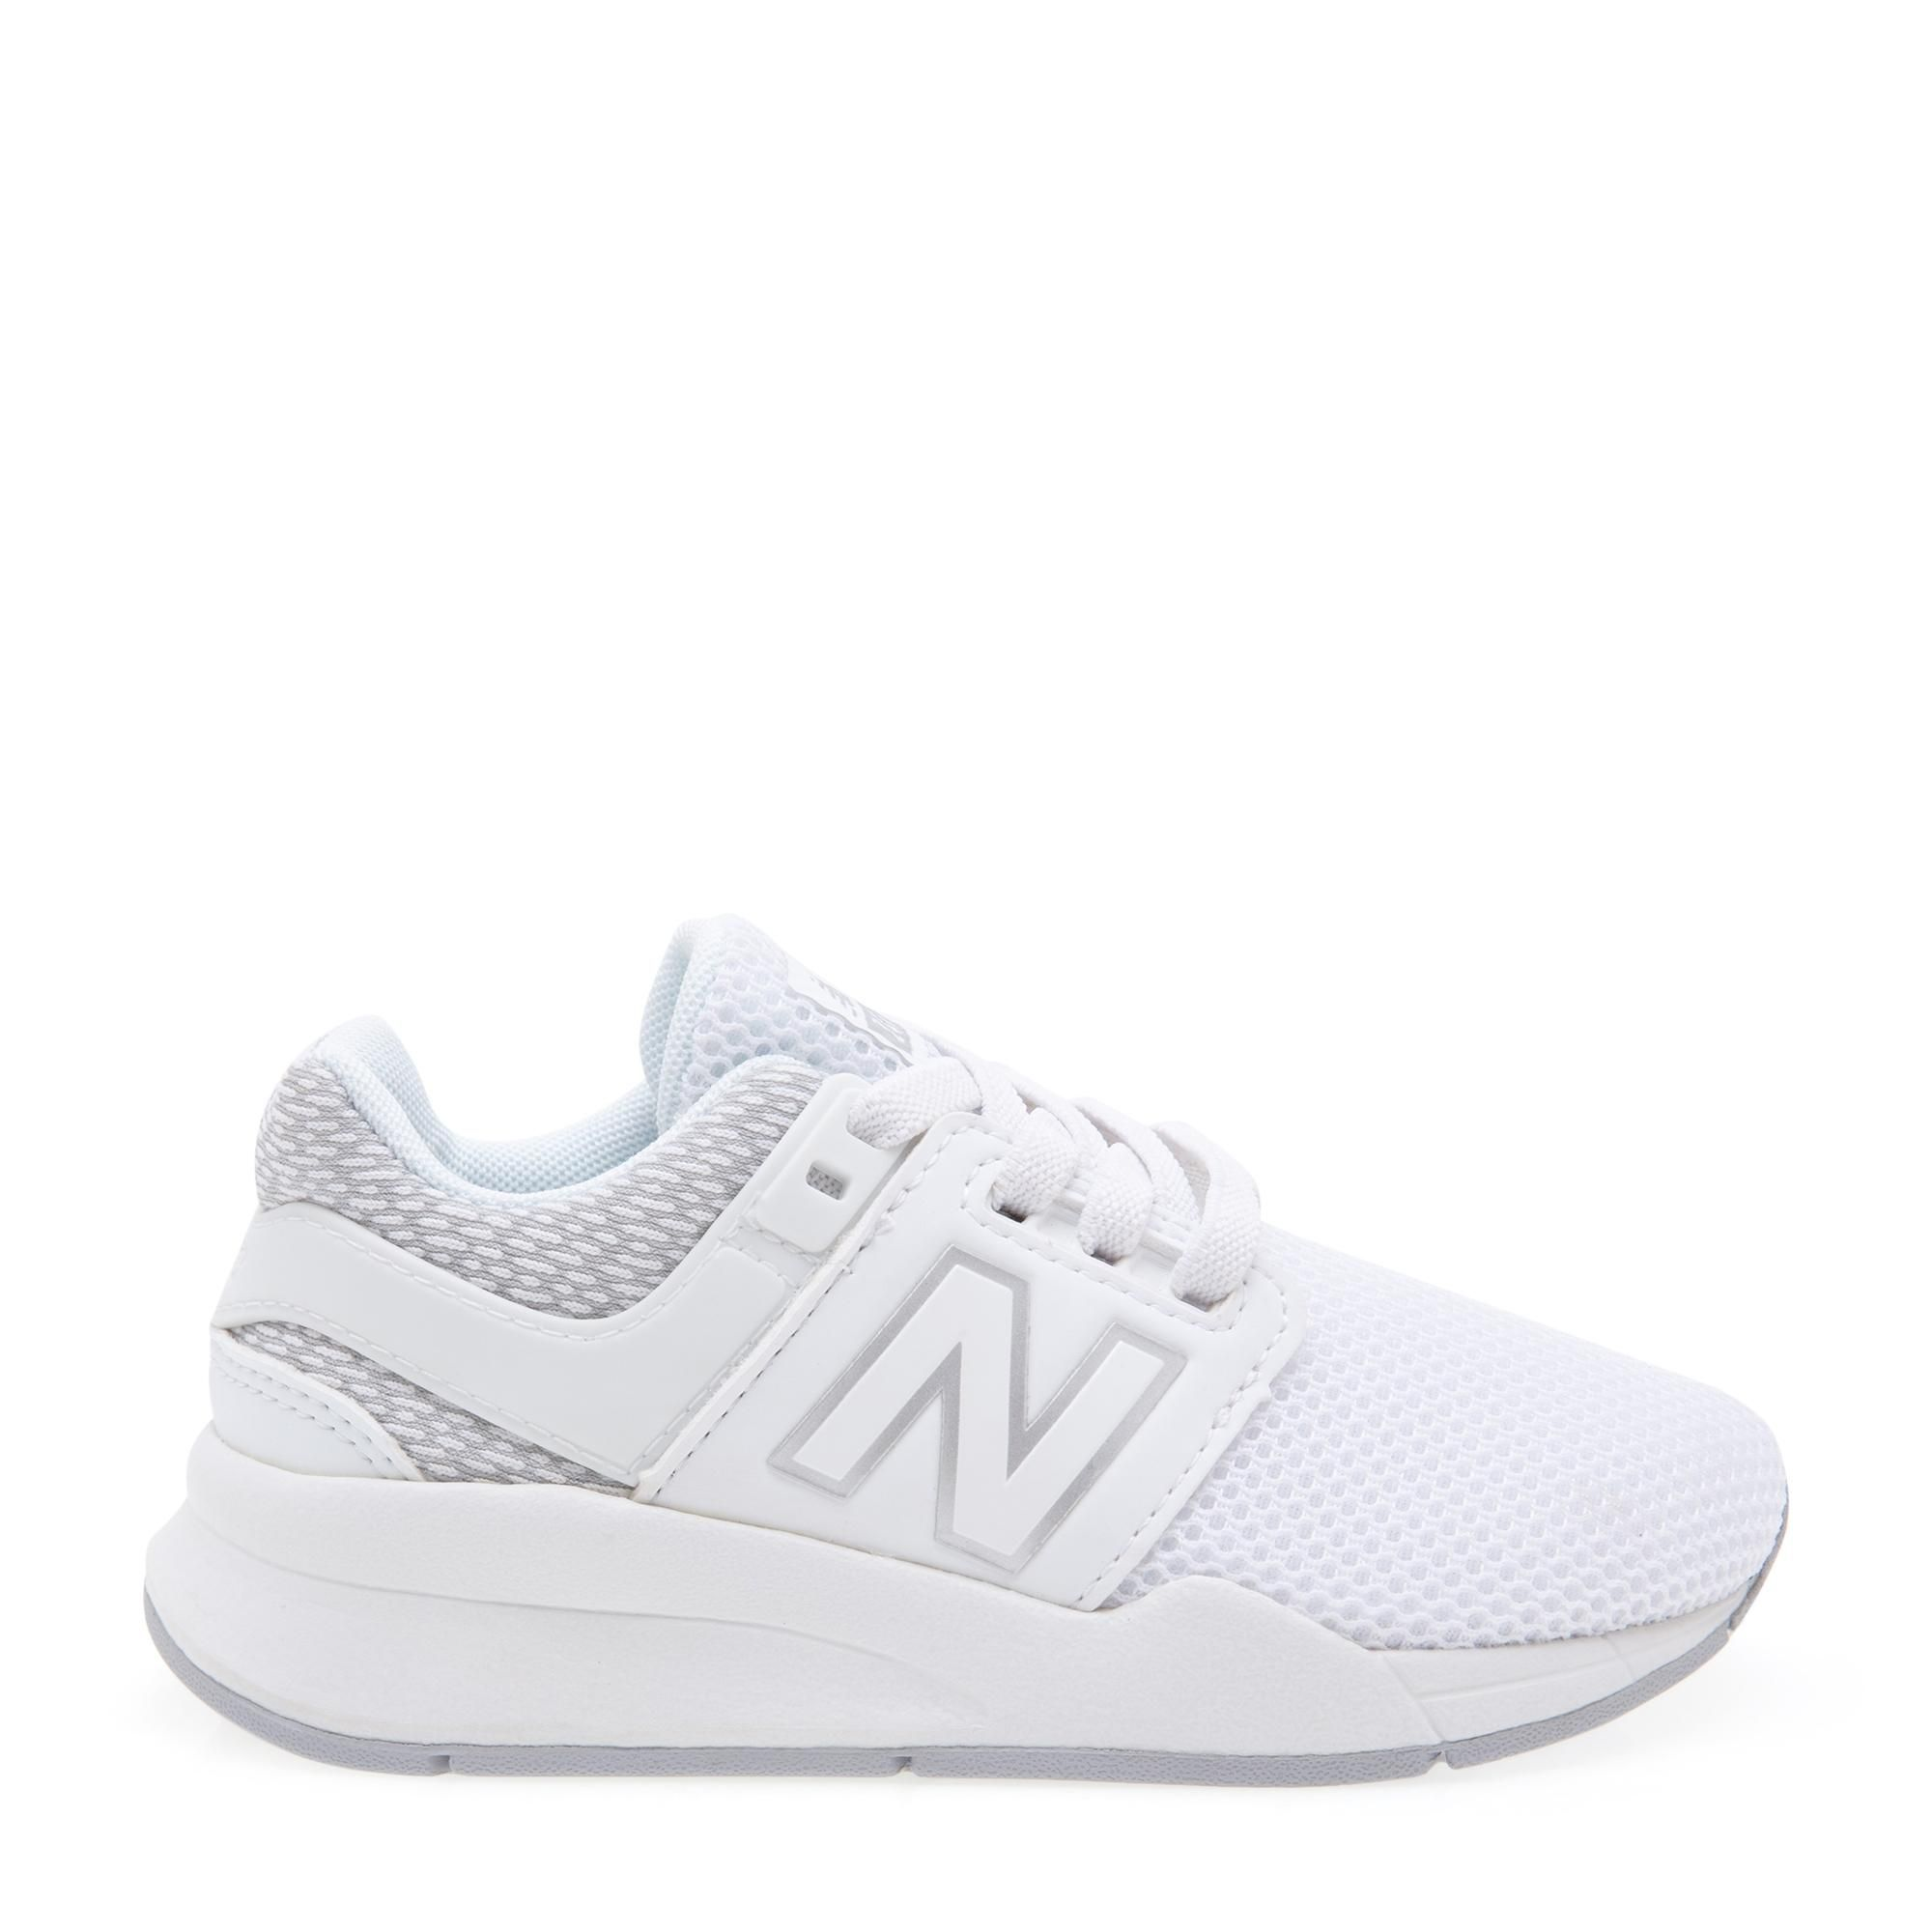 247 sneakers